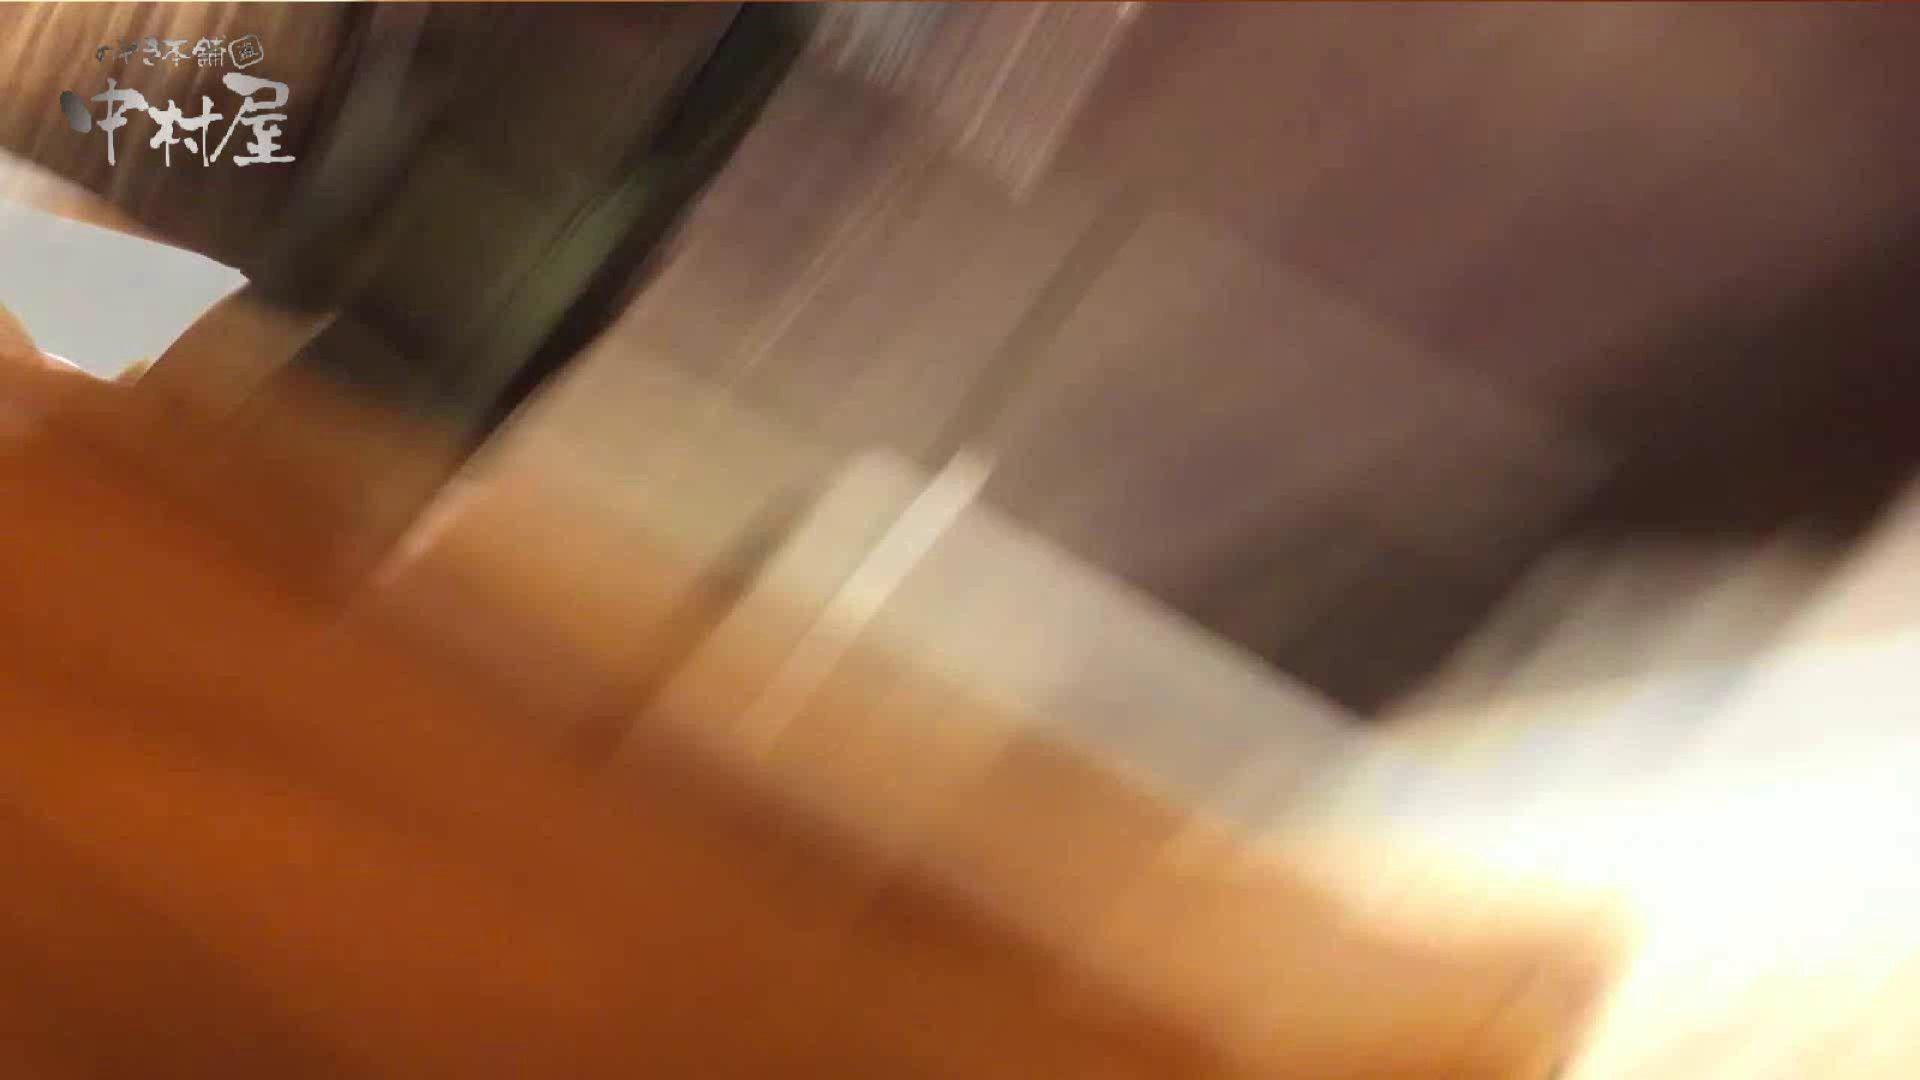 vol.83 美人アパレル胸チラ&パンチラ 赤Tバック店員さんいらっしゃい 胸チラ  62枚 30